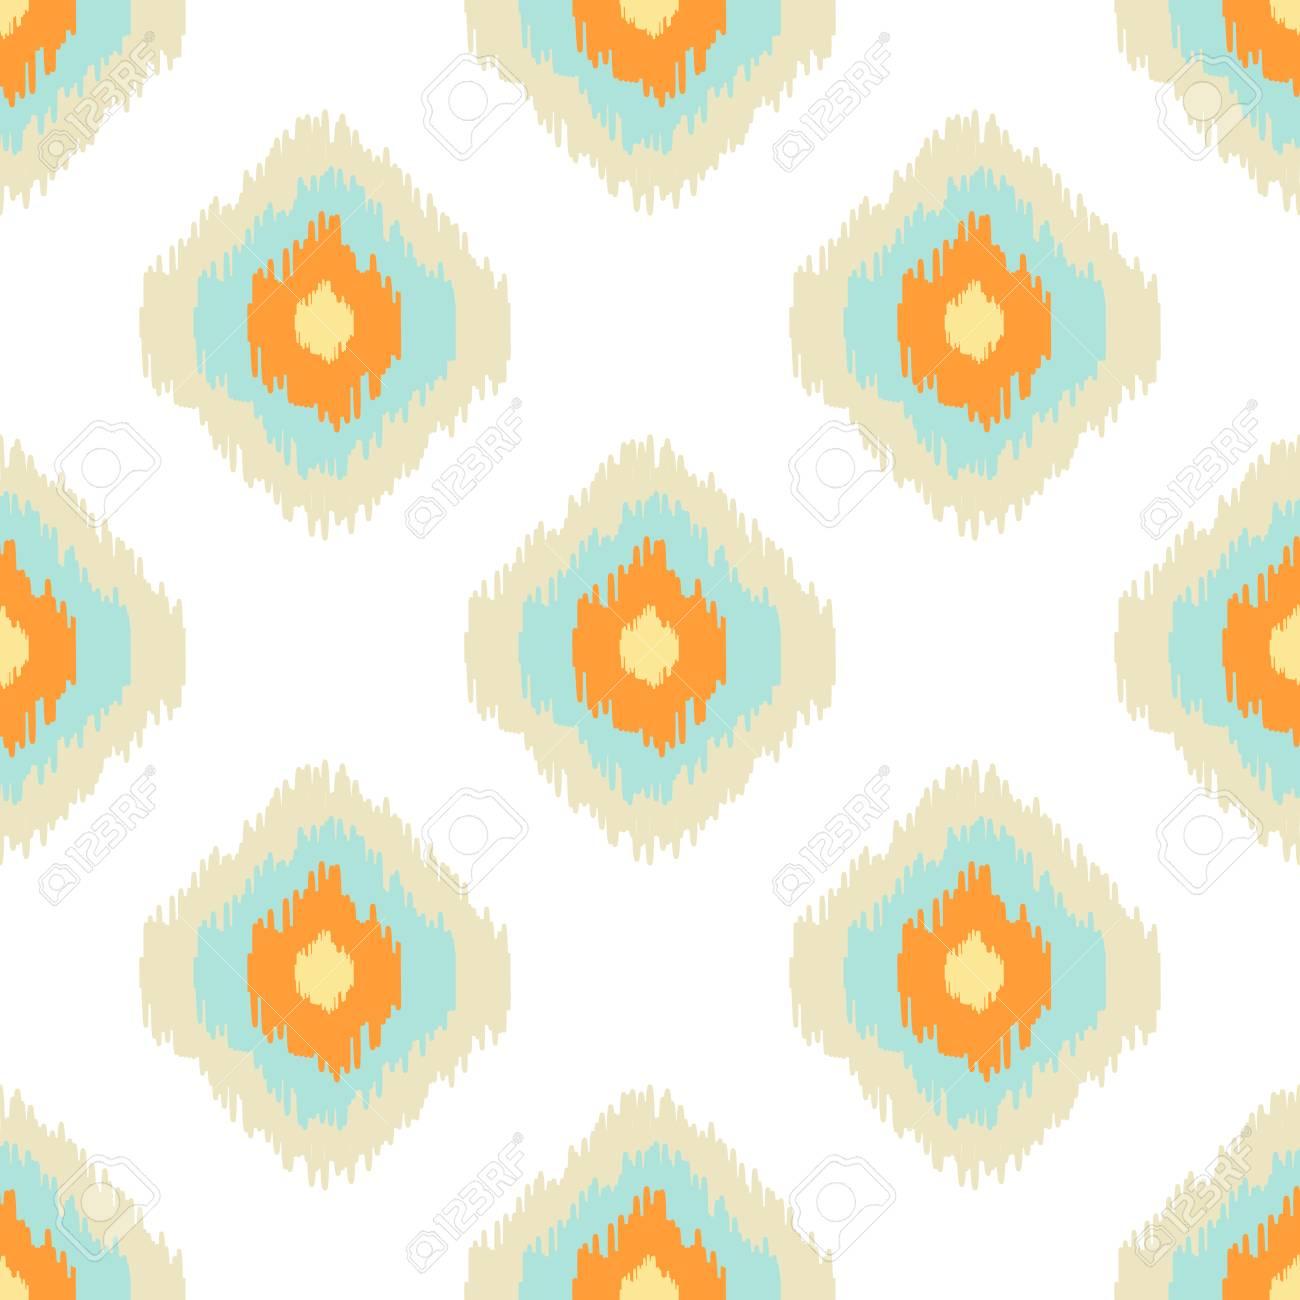 Patrón Transparente Geométrica Ikat. Colección De Colores Naranja Y ...